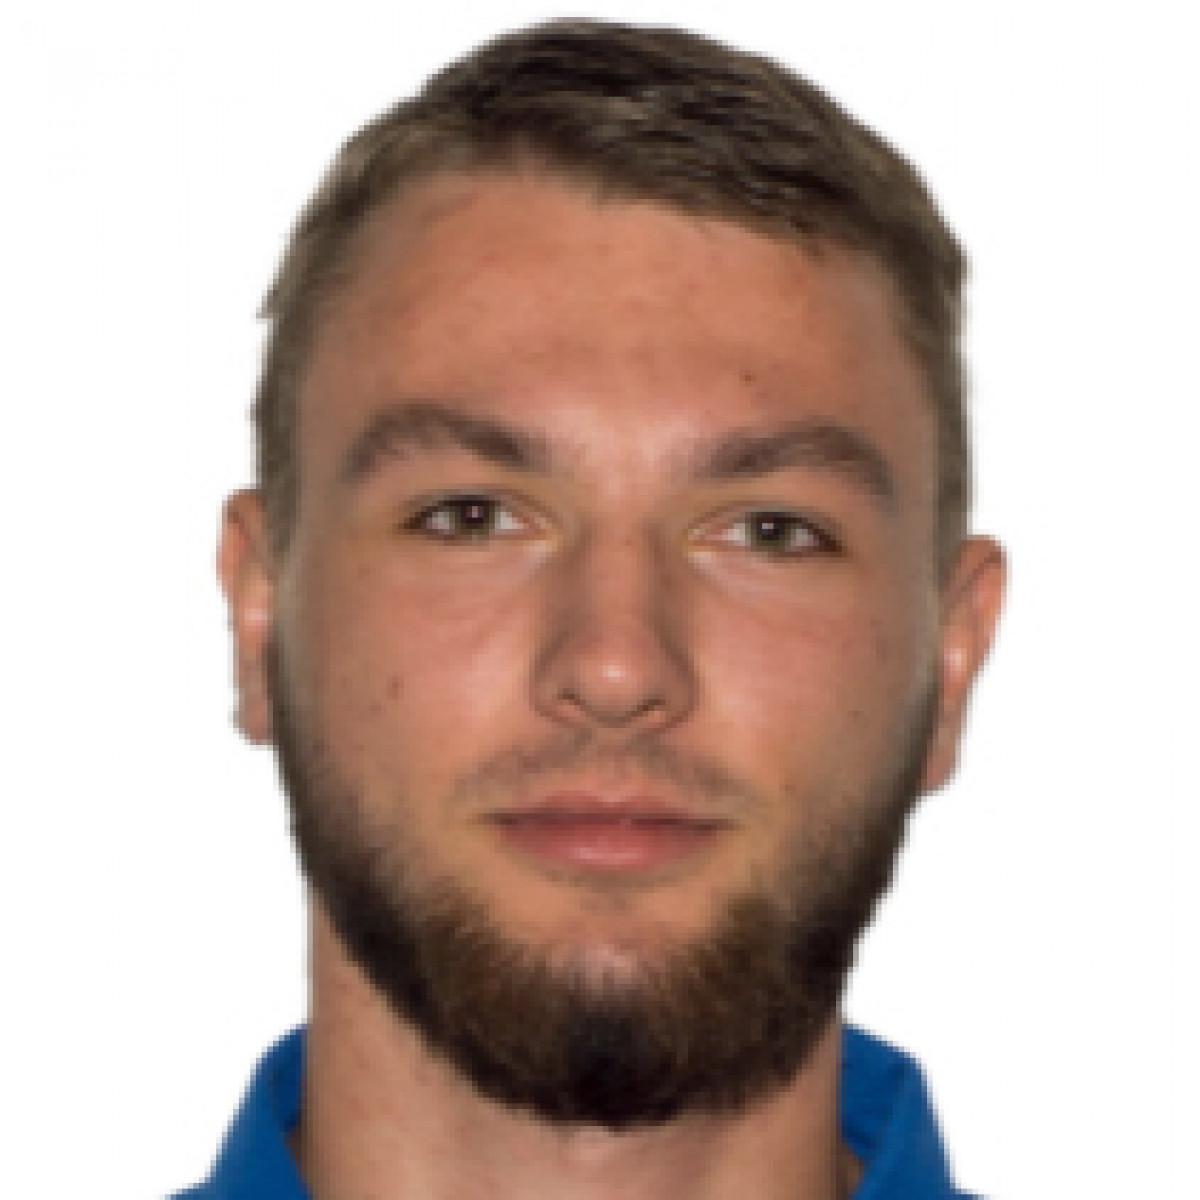 Mikolaj Kurpisz